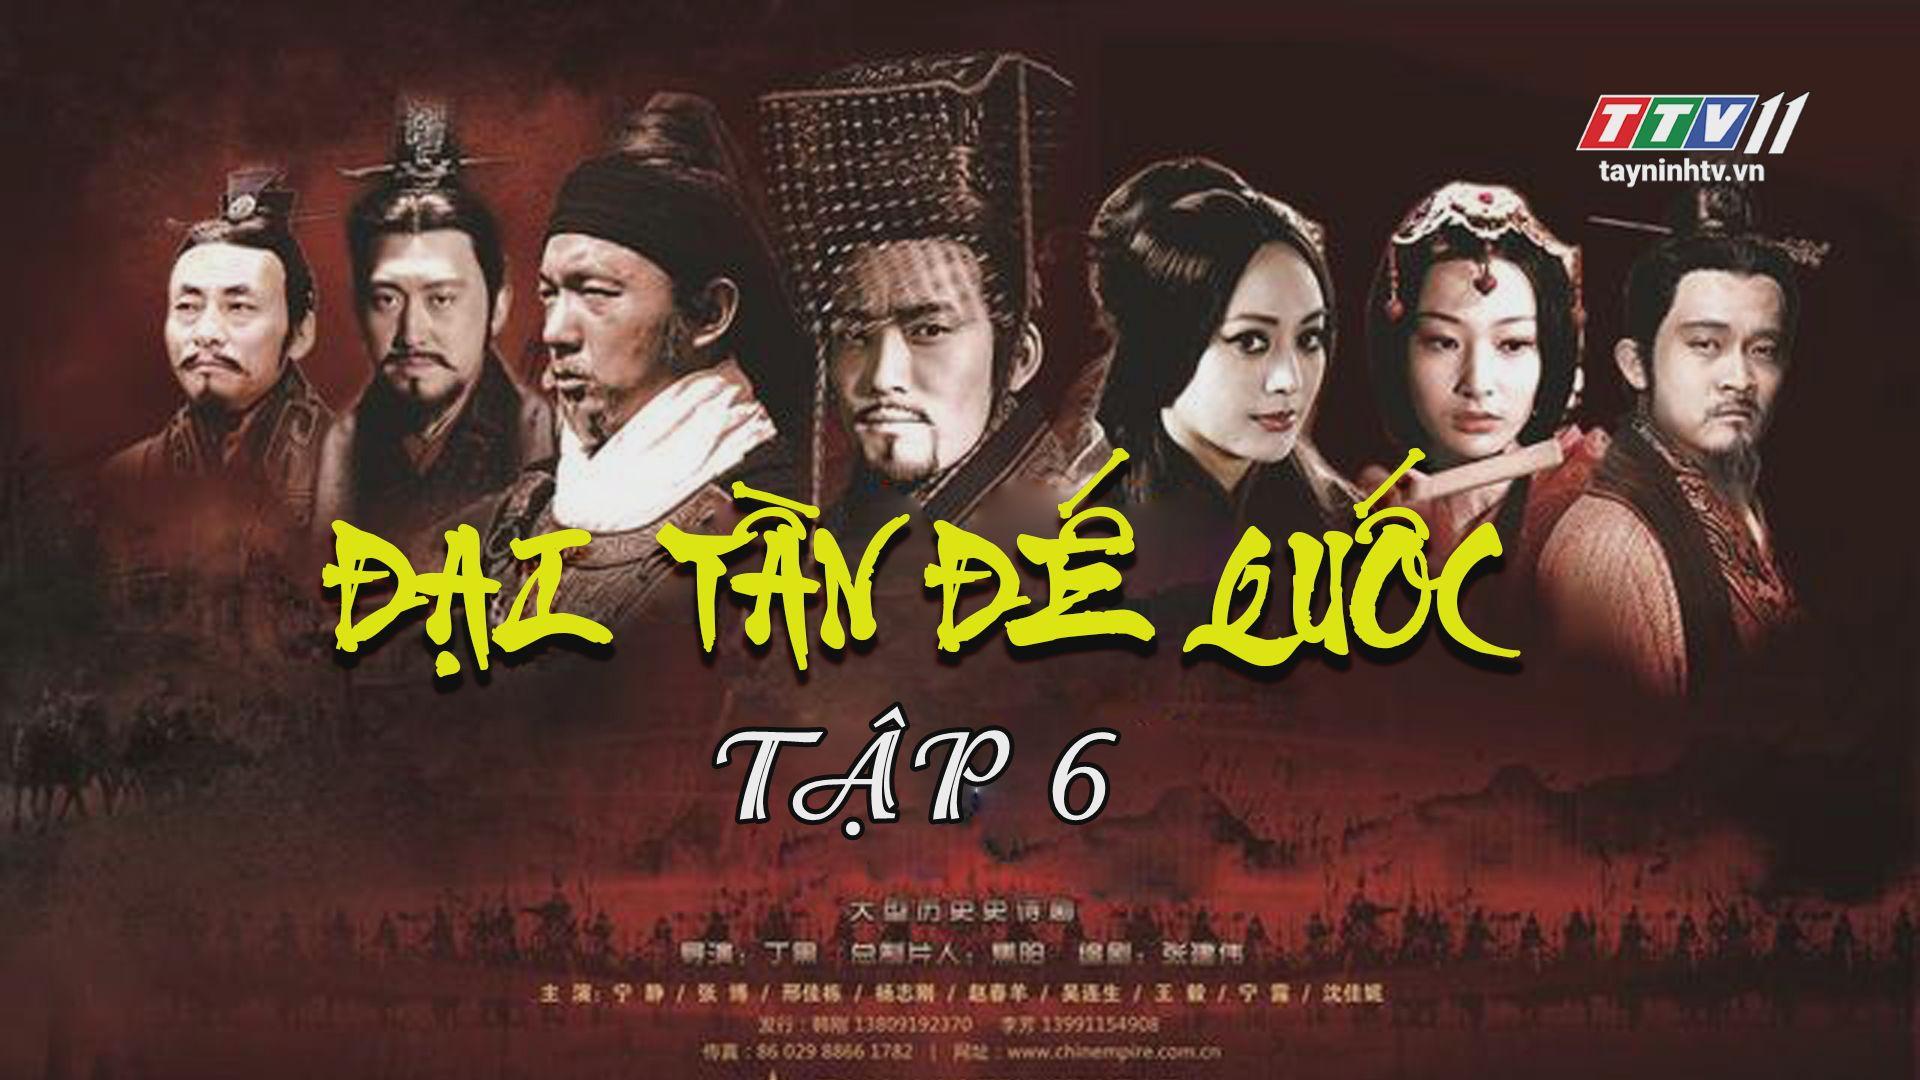 Tập 6 | ĐẠI TẦN ĐẾ QUỐC - Phần 3 | TayNinhTV